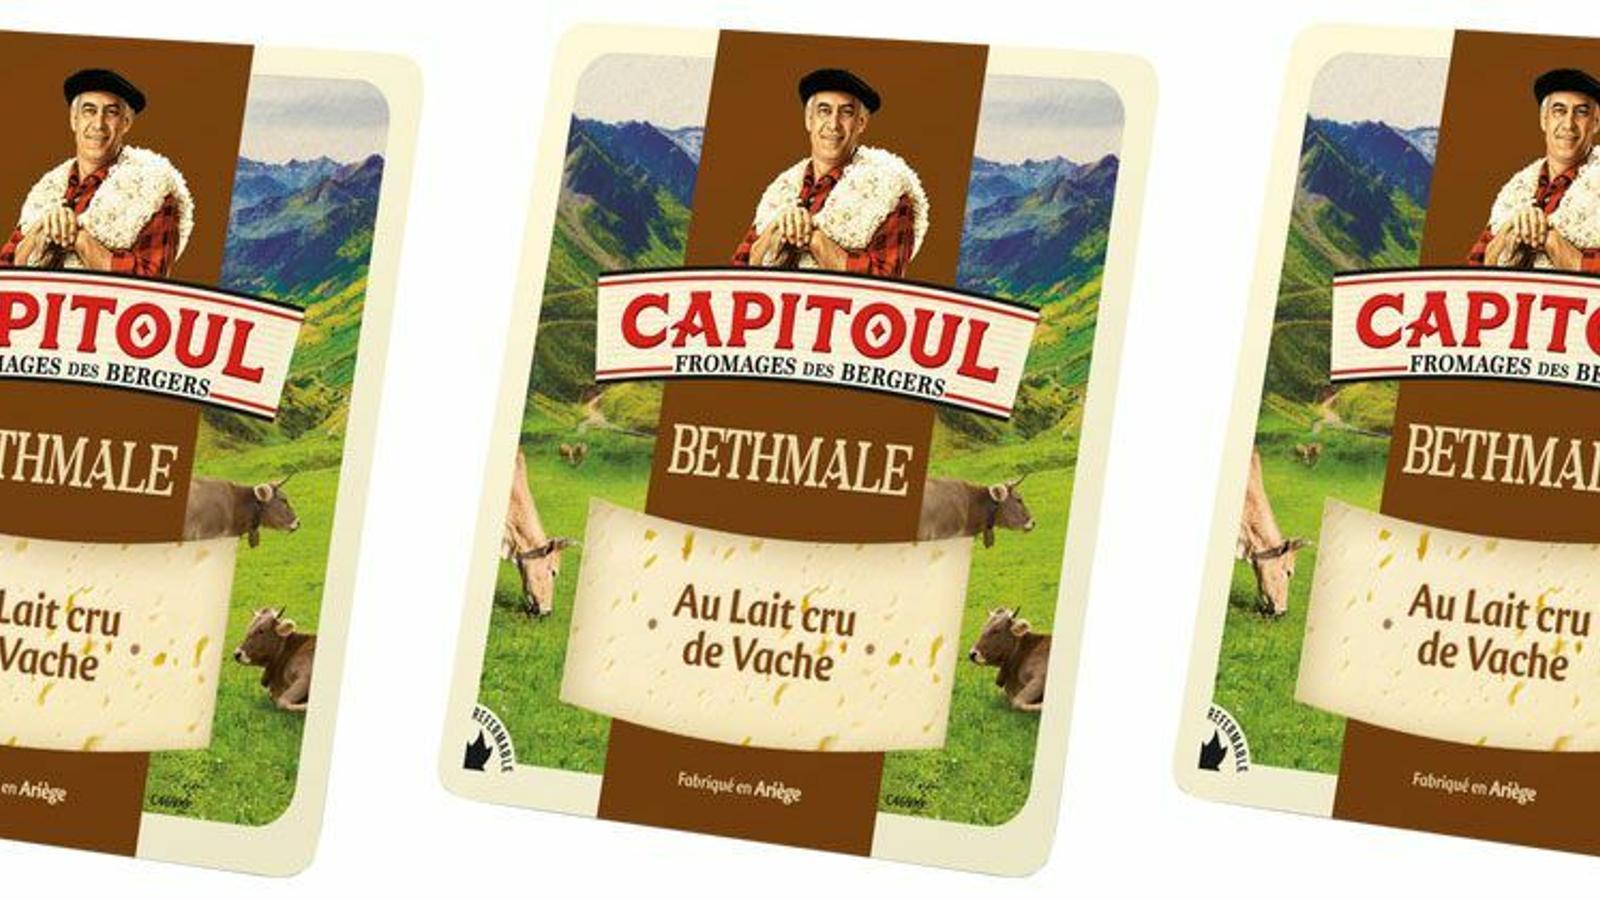 Formatge de  llet crua Capitoul, un dels productes afectats.